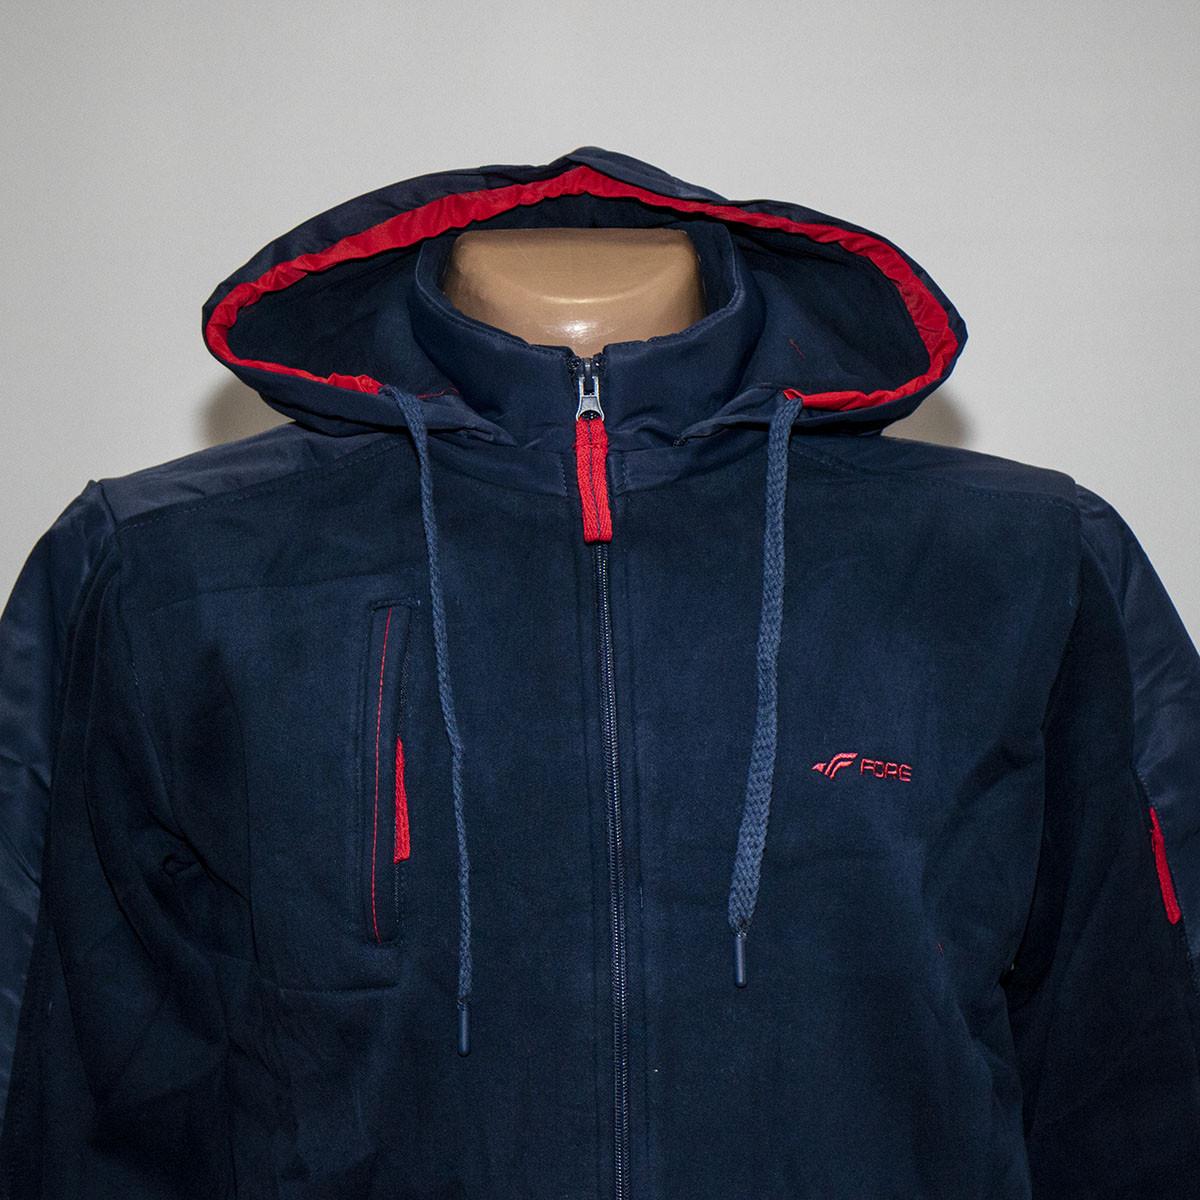 71d083806c84 Теплый мужской спортивный костюм с капюшоном трехнитка т.м. Fore 5330